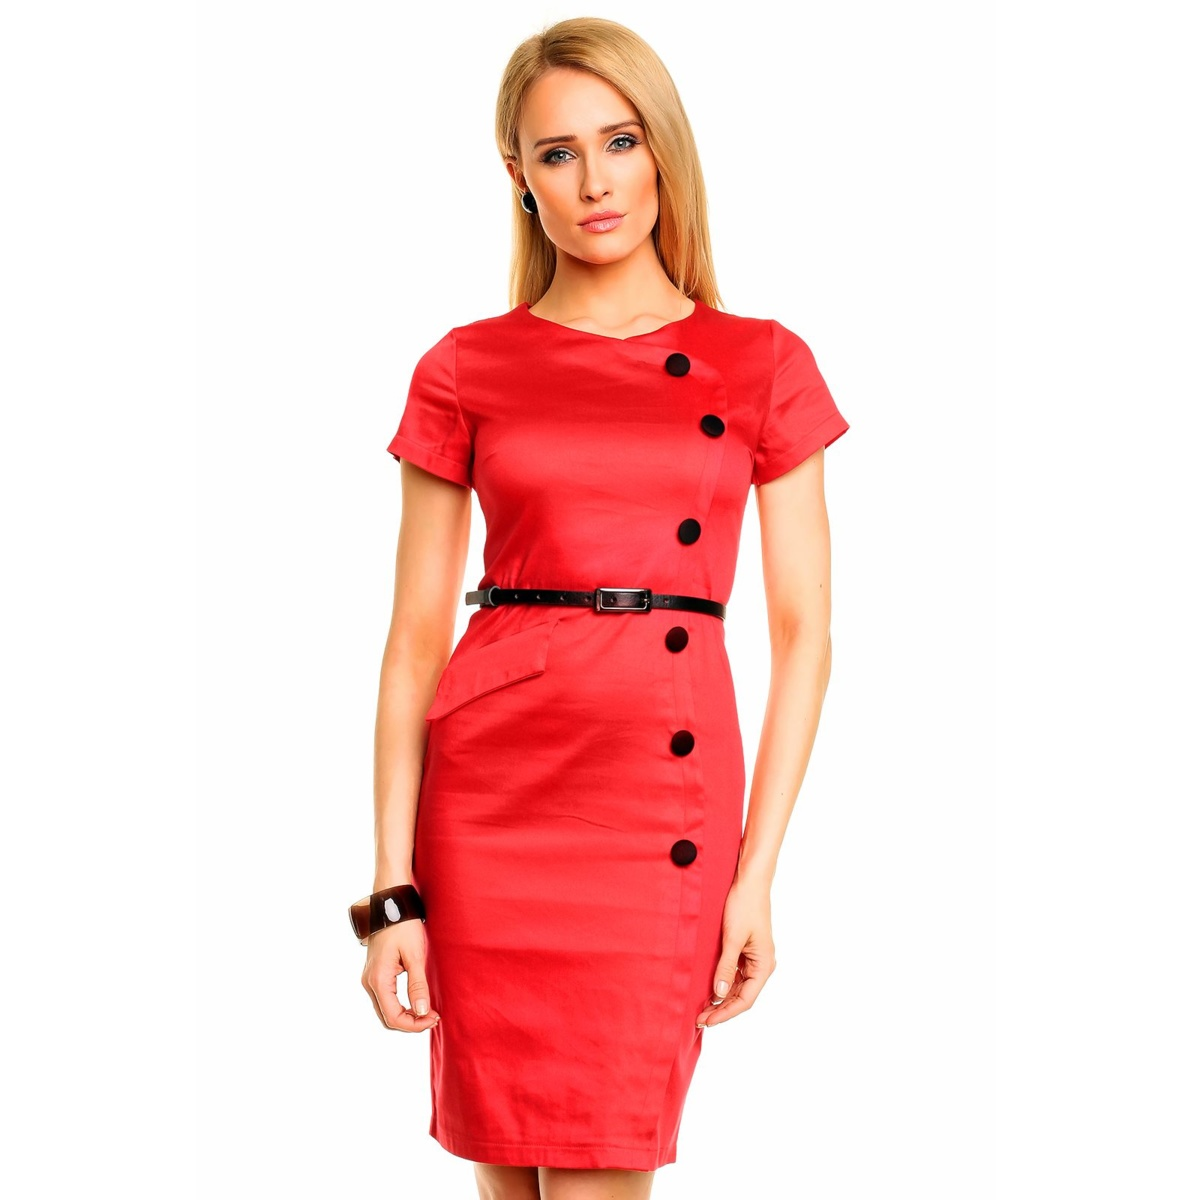 Společenské a casual šaty MAYAADI zdobené knoflíky a páskem červené ... 47fb3bece5